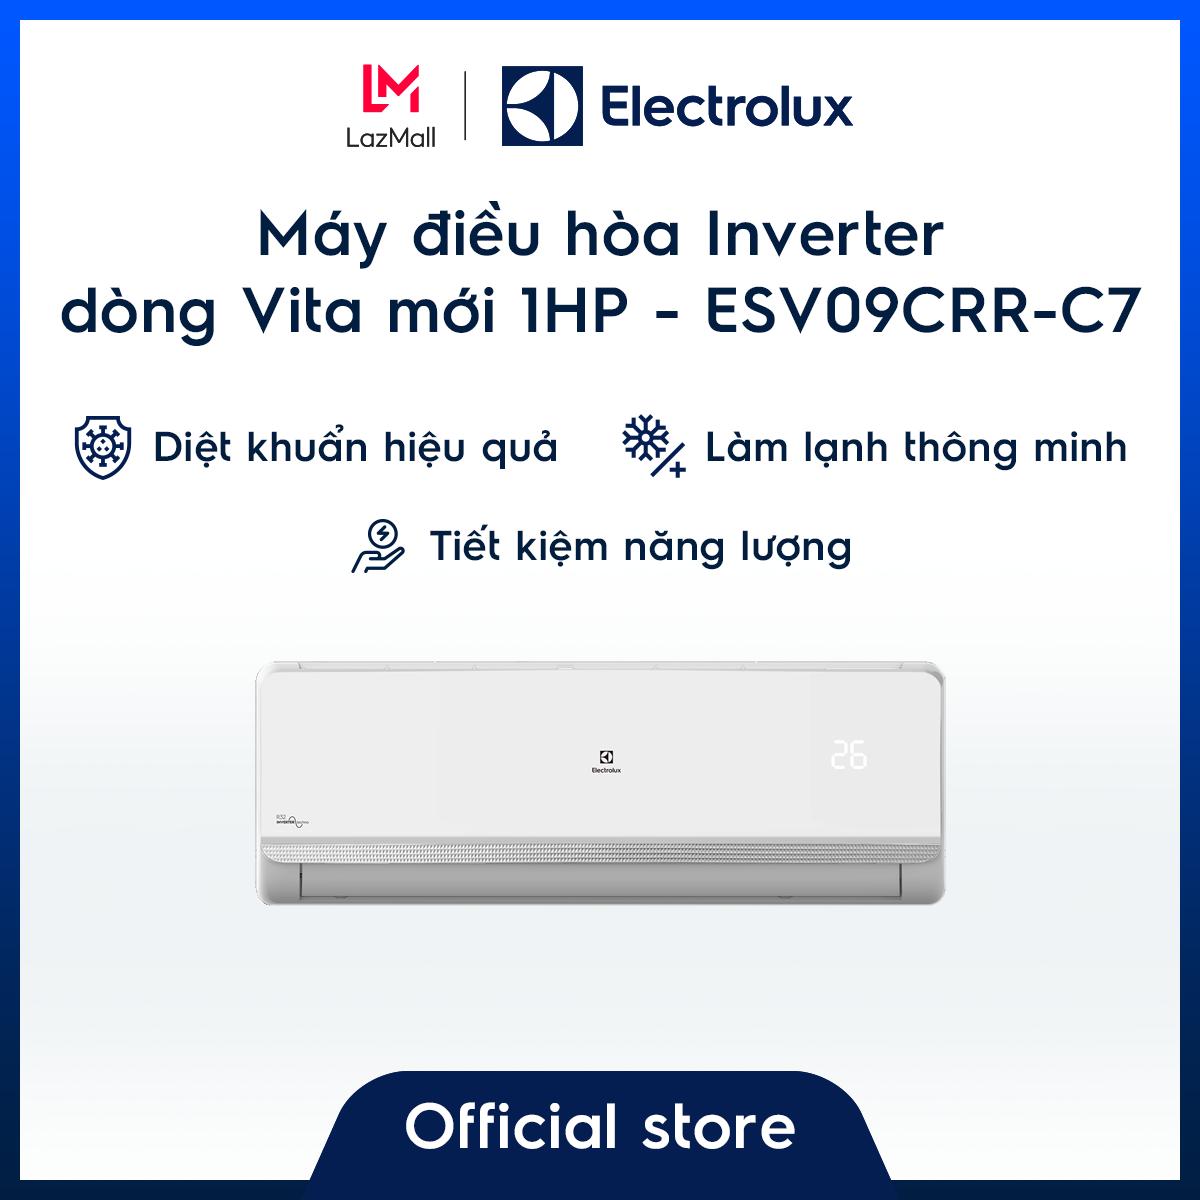 Máy điều hòa Electrolux Inverter 1HP 9000BTU ESV09CRR-C7 – Màu trắng – Thiết kế châu Âu – Lọc khí trong lành – Hạn chế vi khuẩn – Tiết kiệm điện – Thân thiện với môi trường – Hàng chính hãng